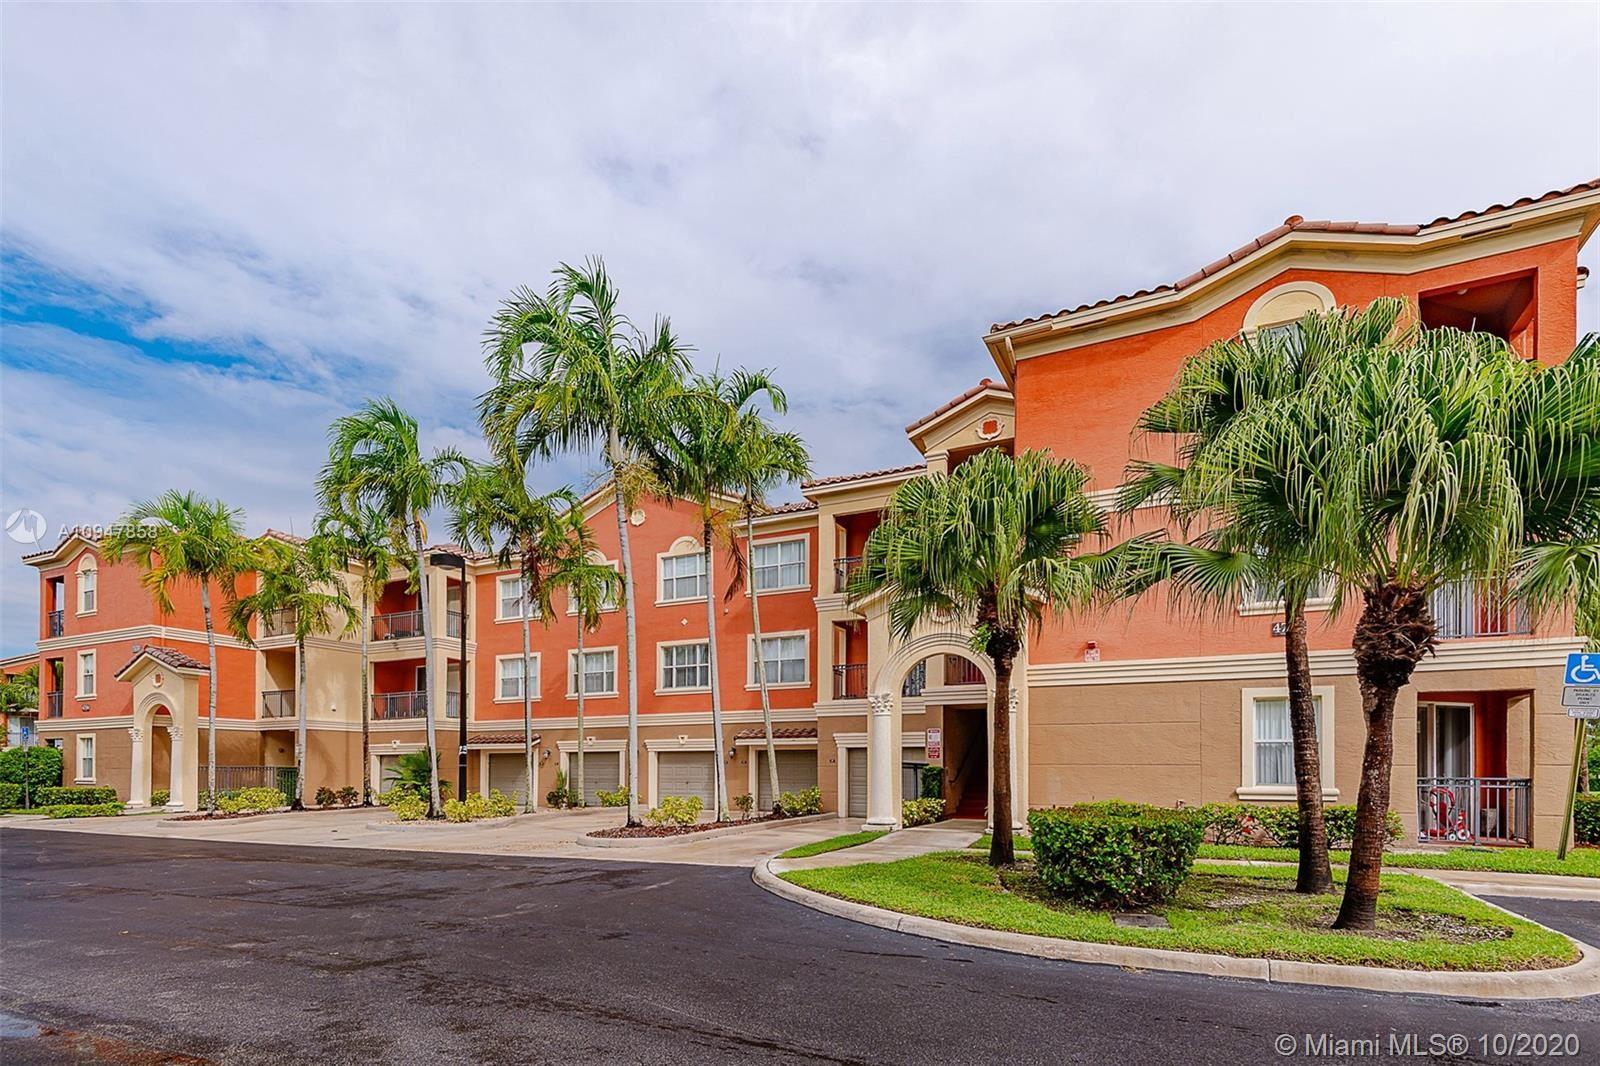 4704 SW 160th Ave #215, Miramar, FL 33027 - #: A10947858